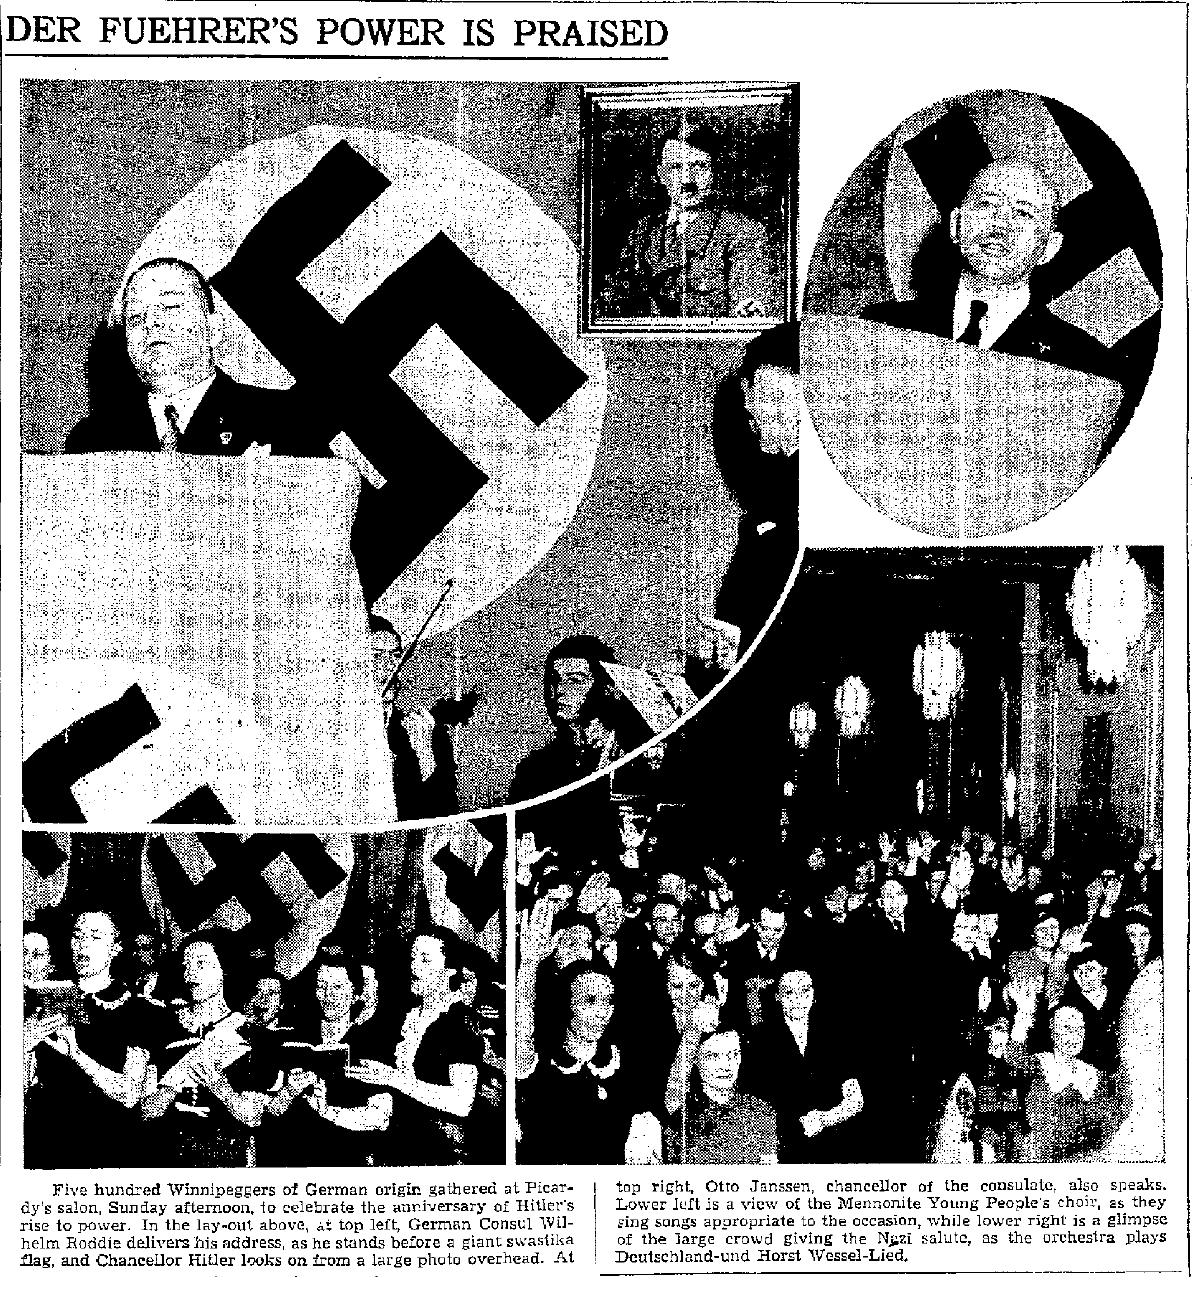 Mennonite Choir at Canadian Nazi Rally, Winnipeg Free Press, January 30, 1939 (1)